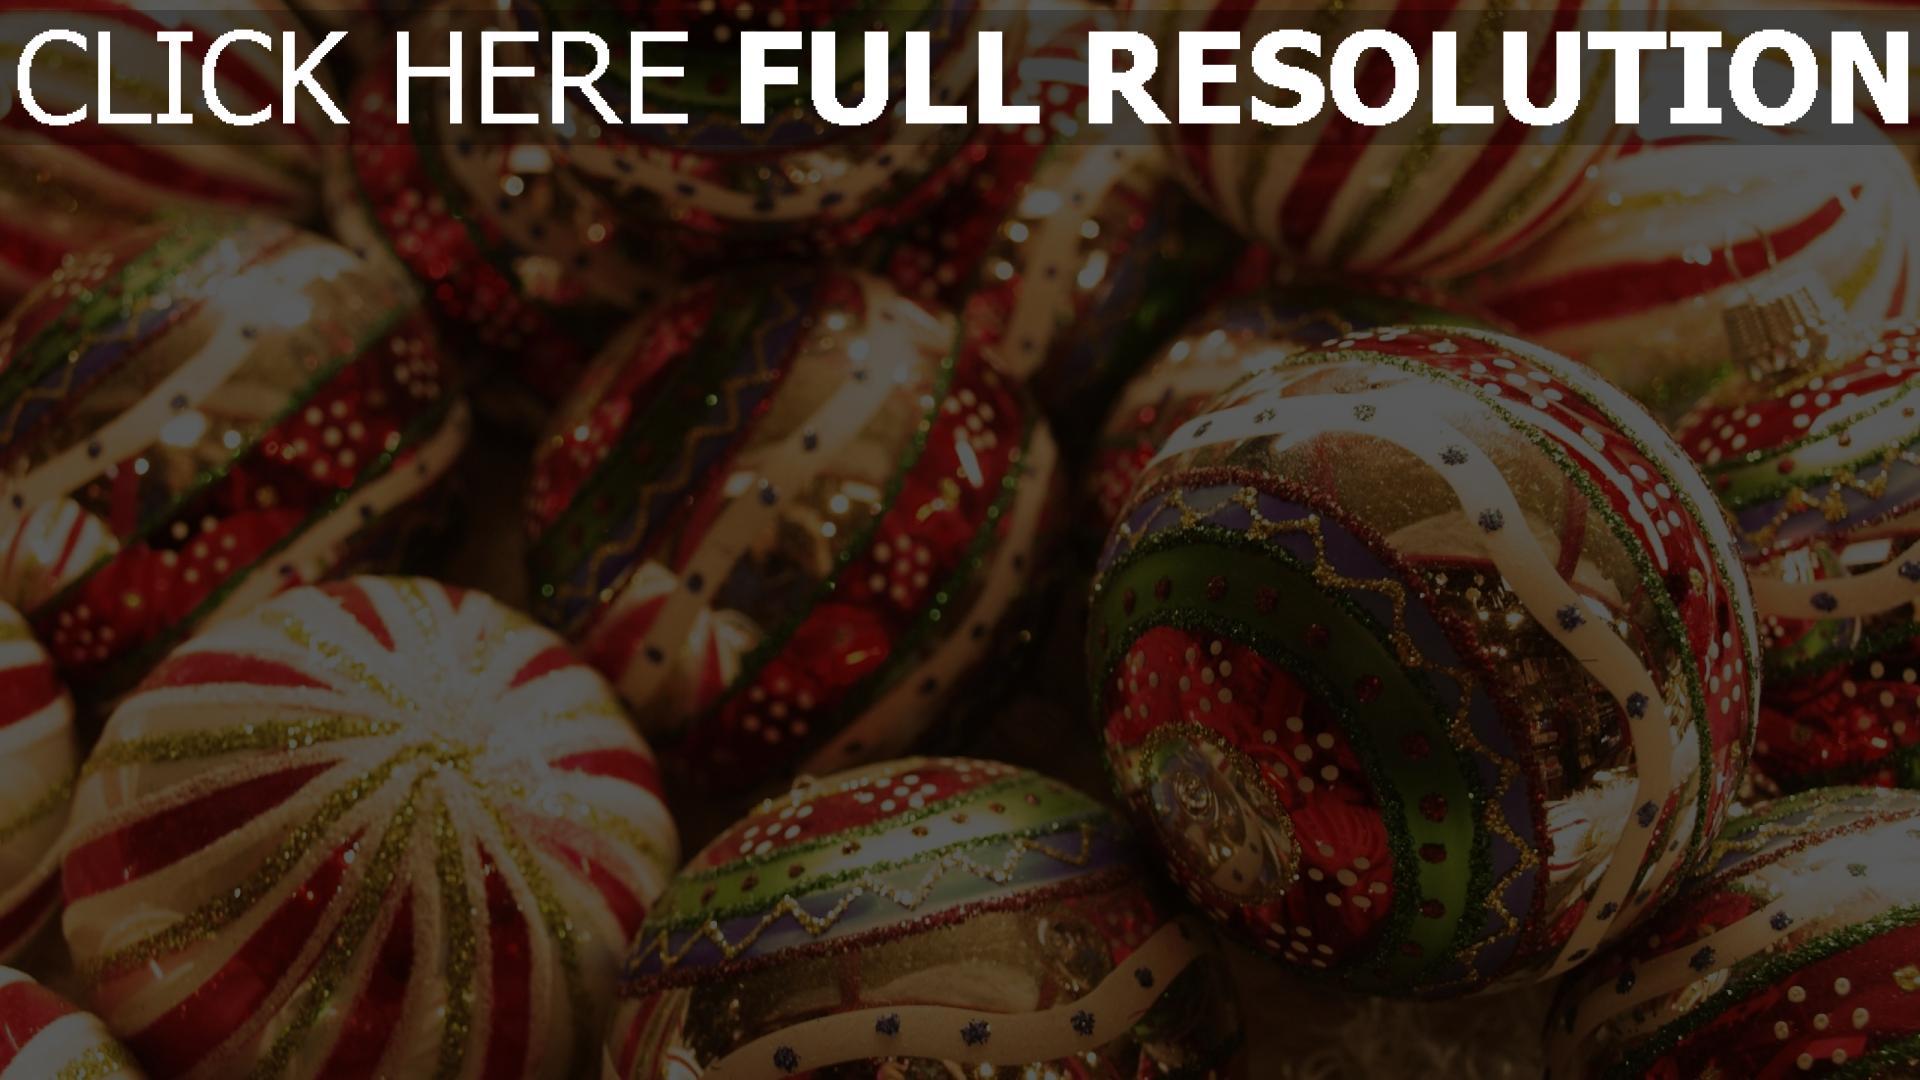 hd hintergrundbilder urlaub glitter weihnachten weihnachtsdekorationen neues jahr close-up 1920x1080